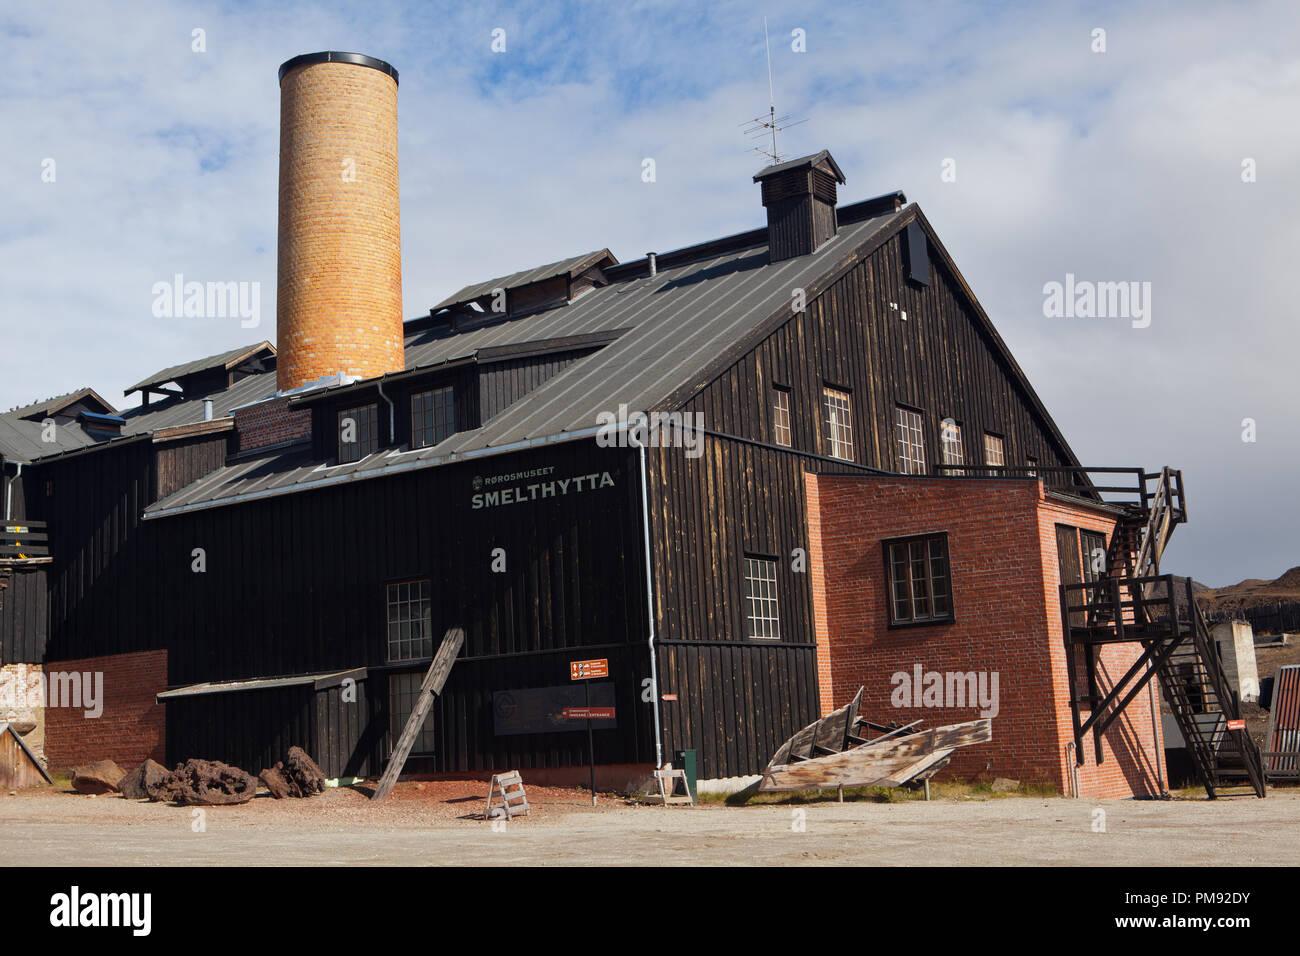 Rundgang durch das UNESCO Weltkulturerbe Röros, einer alten Bergbausiedlung in Norwegen - Stock Image